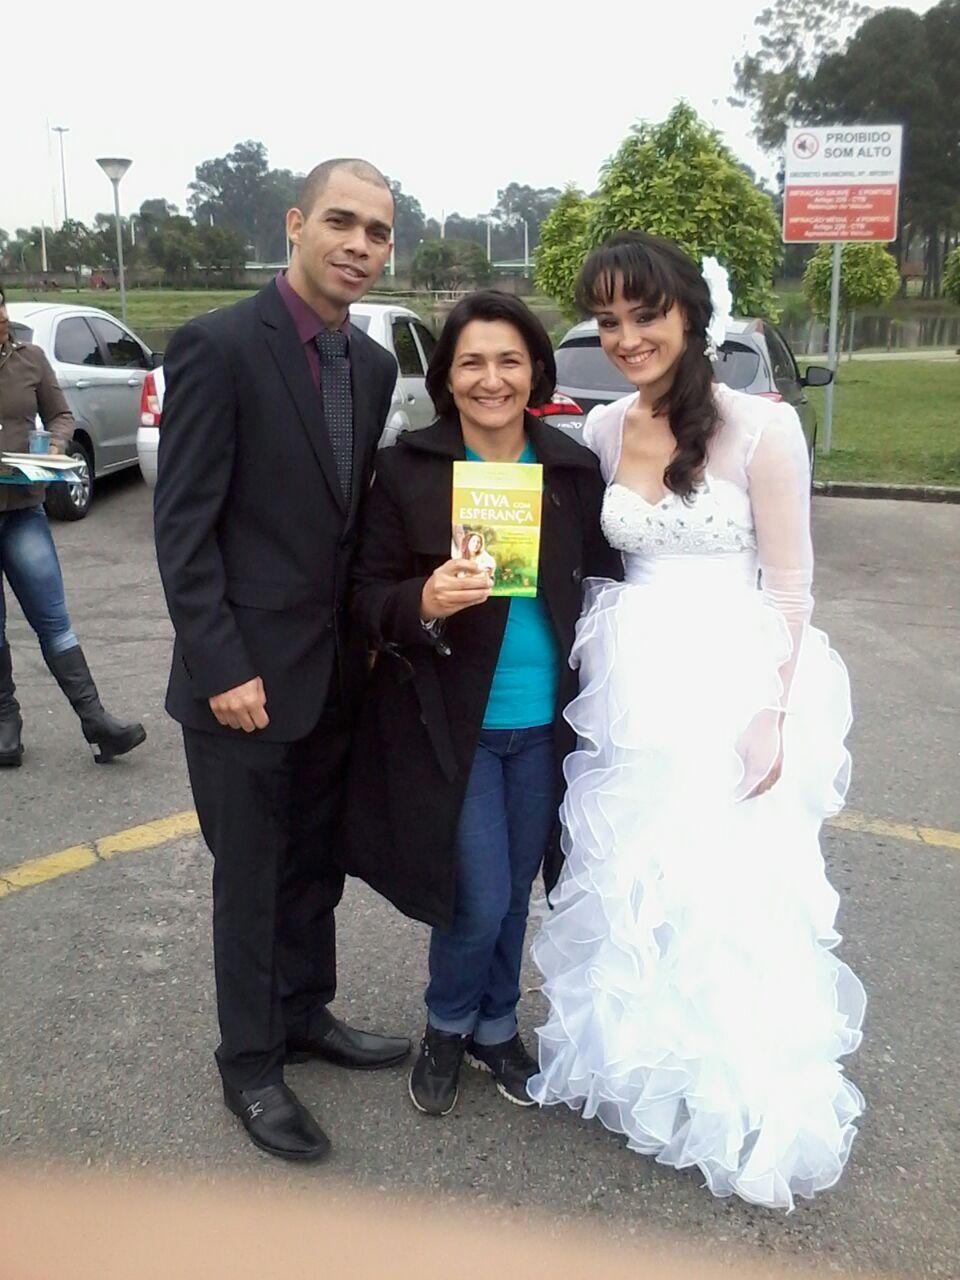 Um casal de noivos também recebeu a literatura no parque.